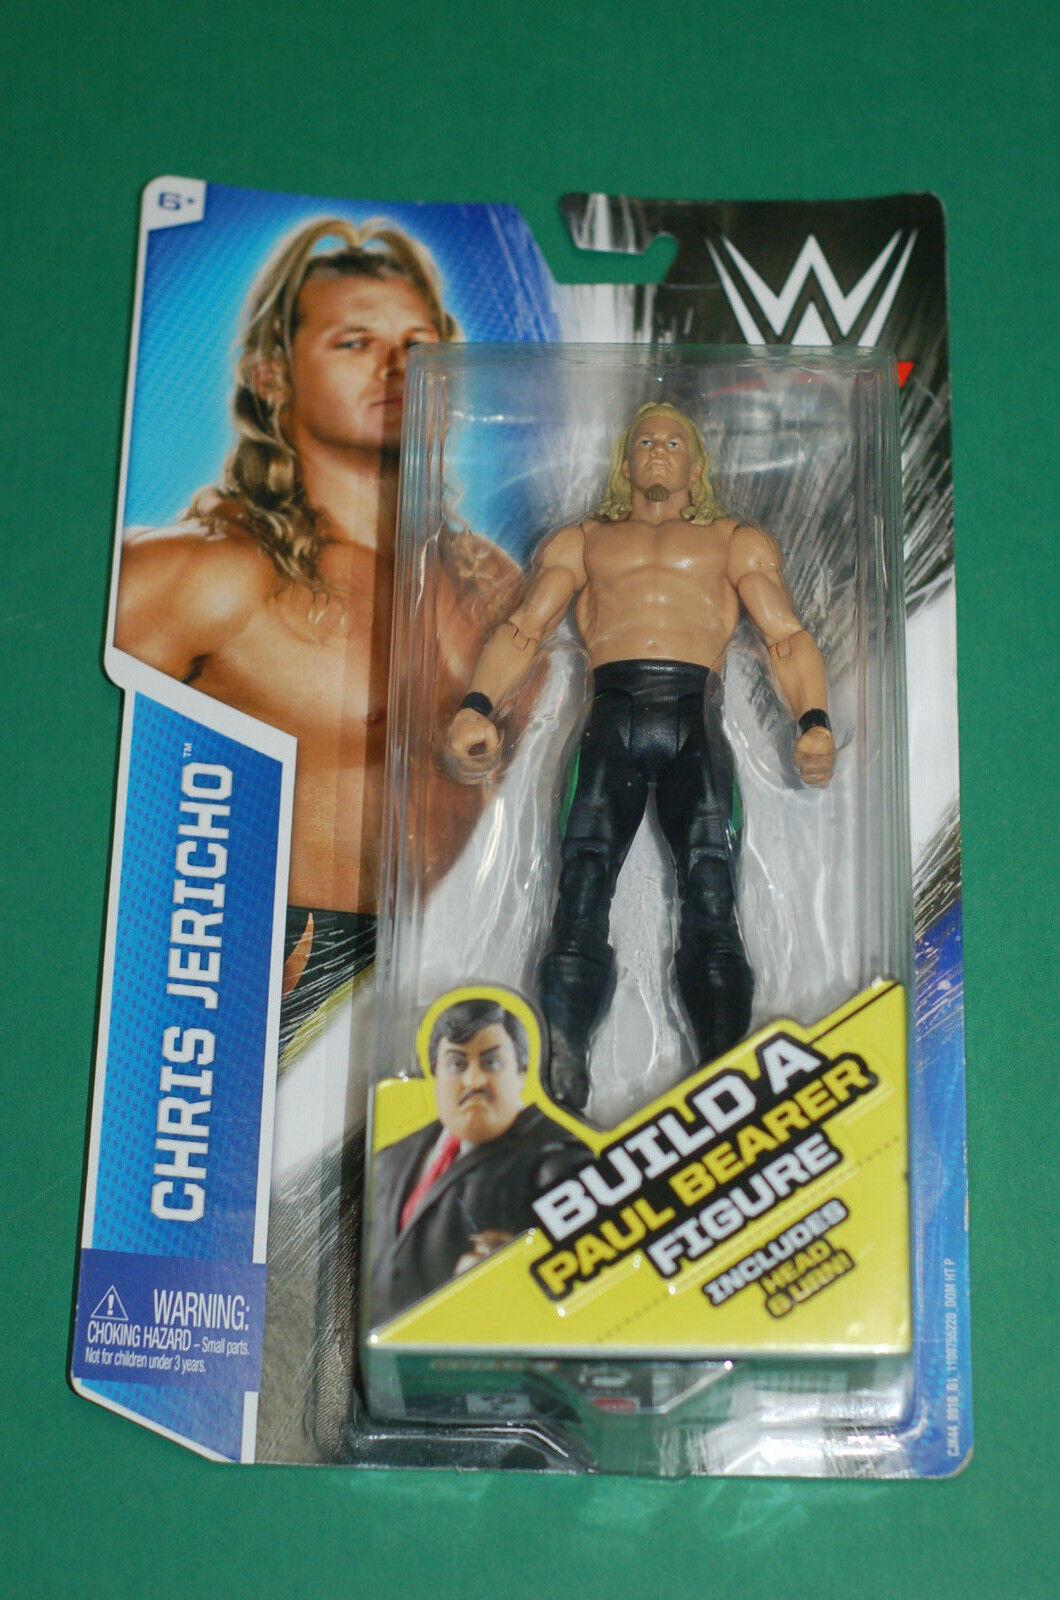 WWE WWF Chris Jericho Build a Figure Paul Bearer head wrestling figure Mattel